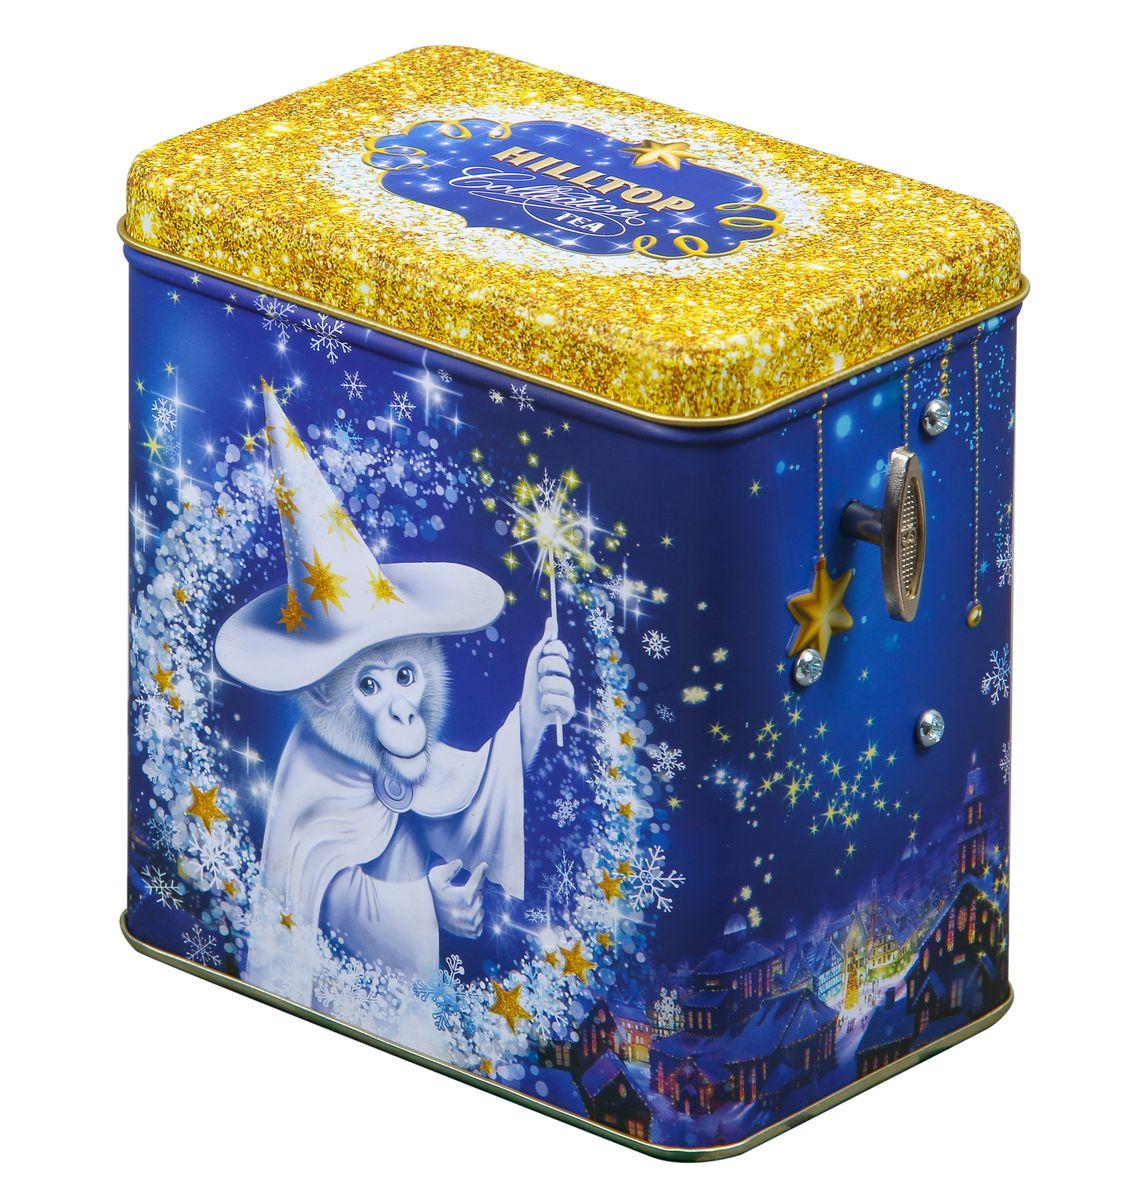 Hilltop Волшебный звездочет Черное золото черный листовой чай (музыкальная шкатулка)0120710Hilltop Волшебный звездочет Черное золото - благородный китайский черный чай, сочетающий утонченный древесный аромат с крепостью настоя и богатым вкусом с оттенком чернослива. Поставляется в красивой упаковке в виде праздничной музыкальной шкатулки.